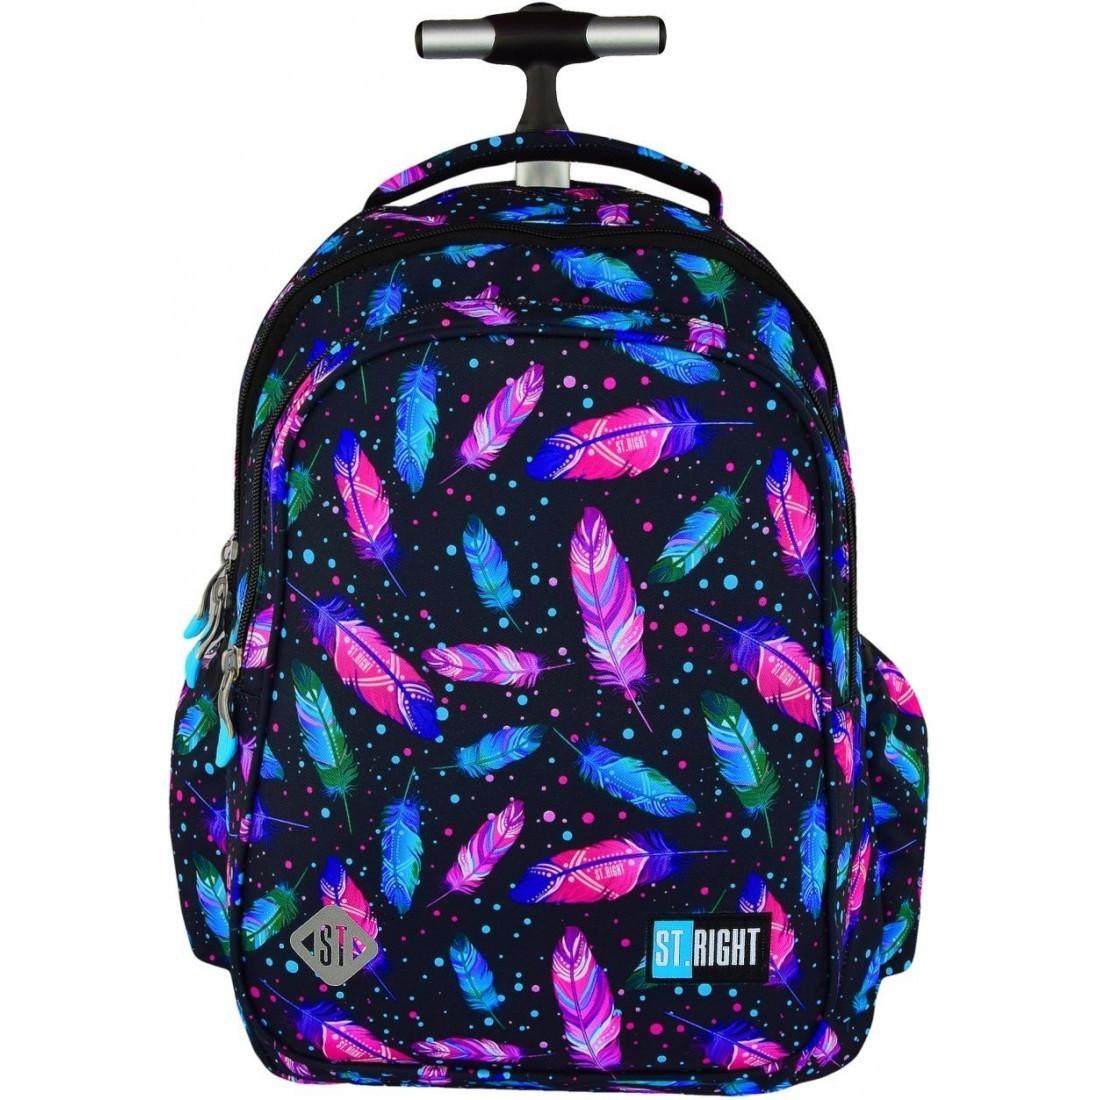 e67139f9bf9b7 Plecak na kółkach ST.RIGHT FEATHERS kolorowe piórka dla dziewczyn HIT 2018